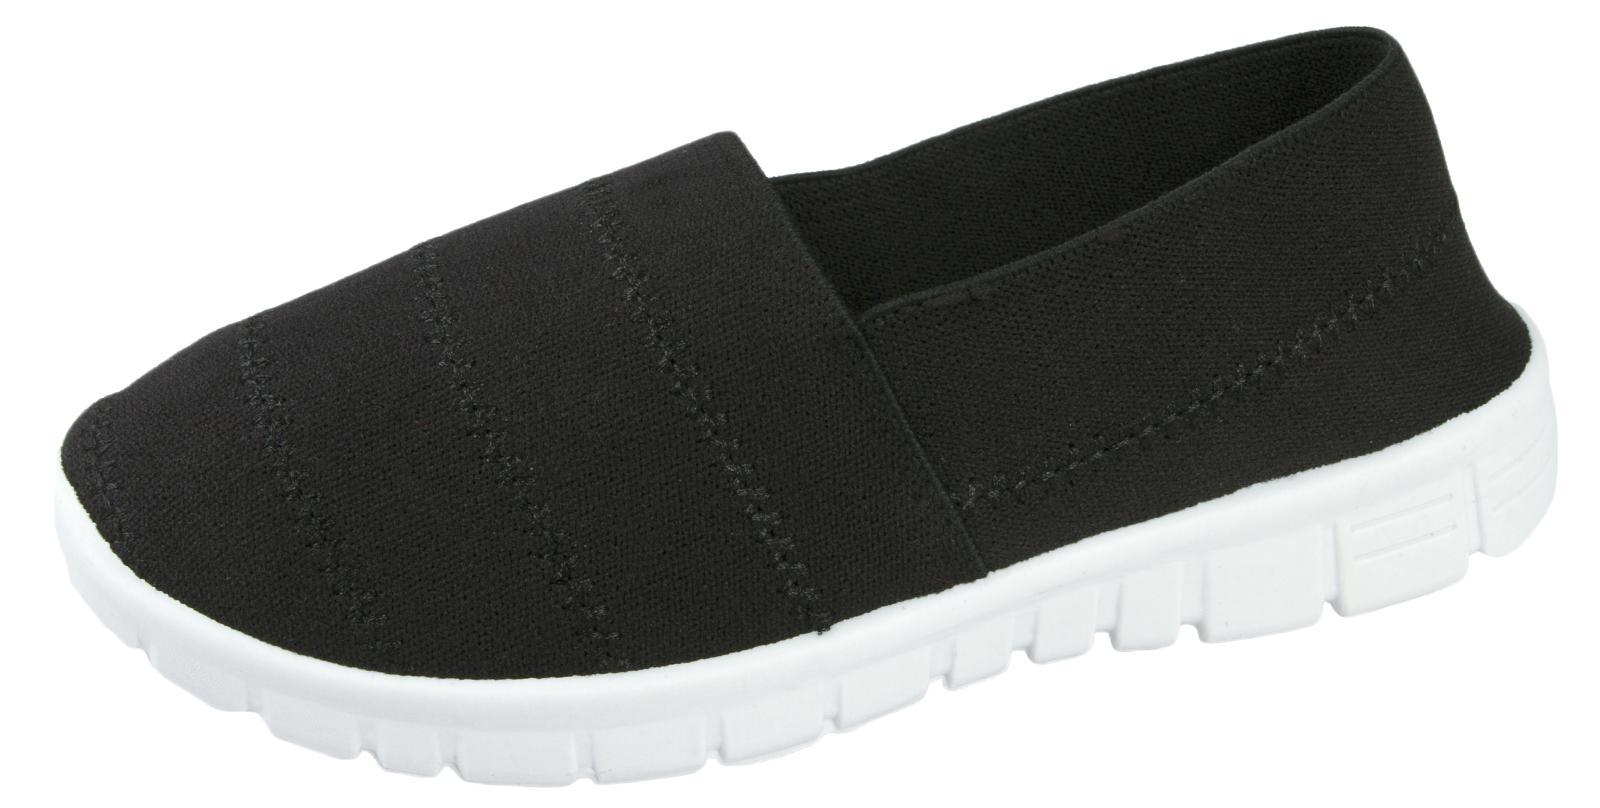 Zapatillas para mujer chicas Completo Elástico Elástico Flexible Deportes Zapatos De Salón Talla